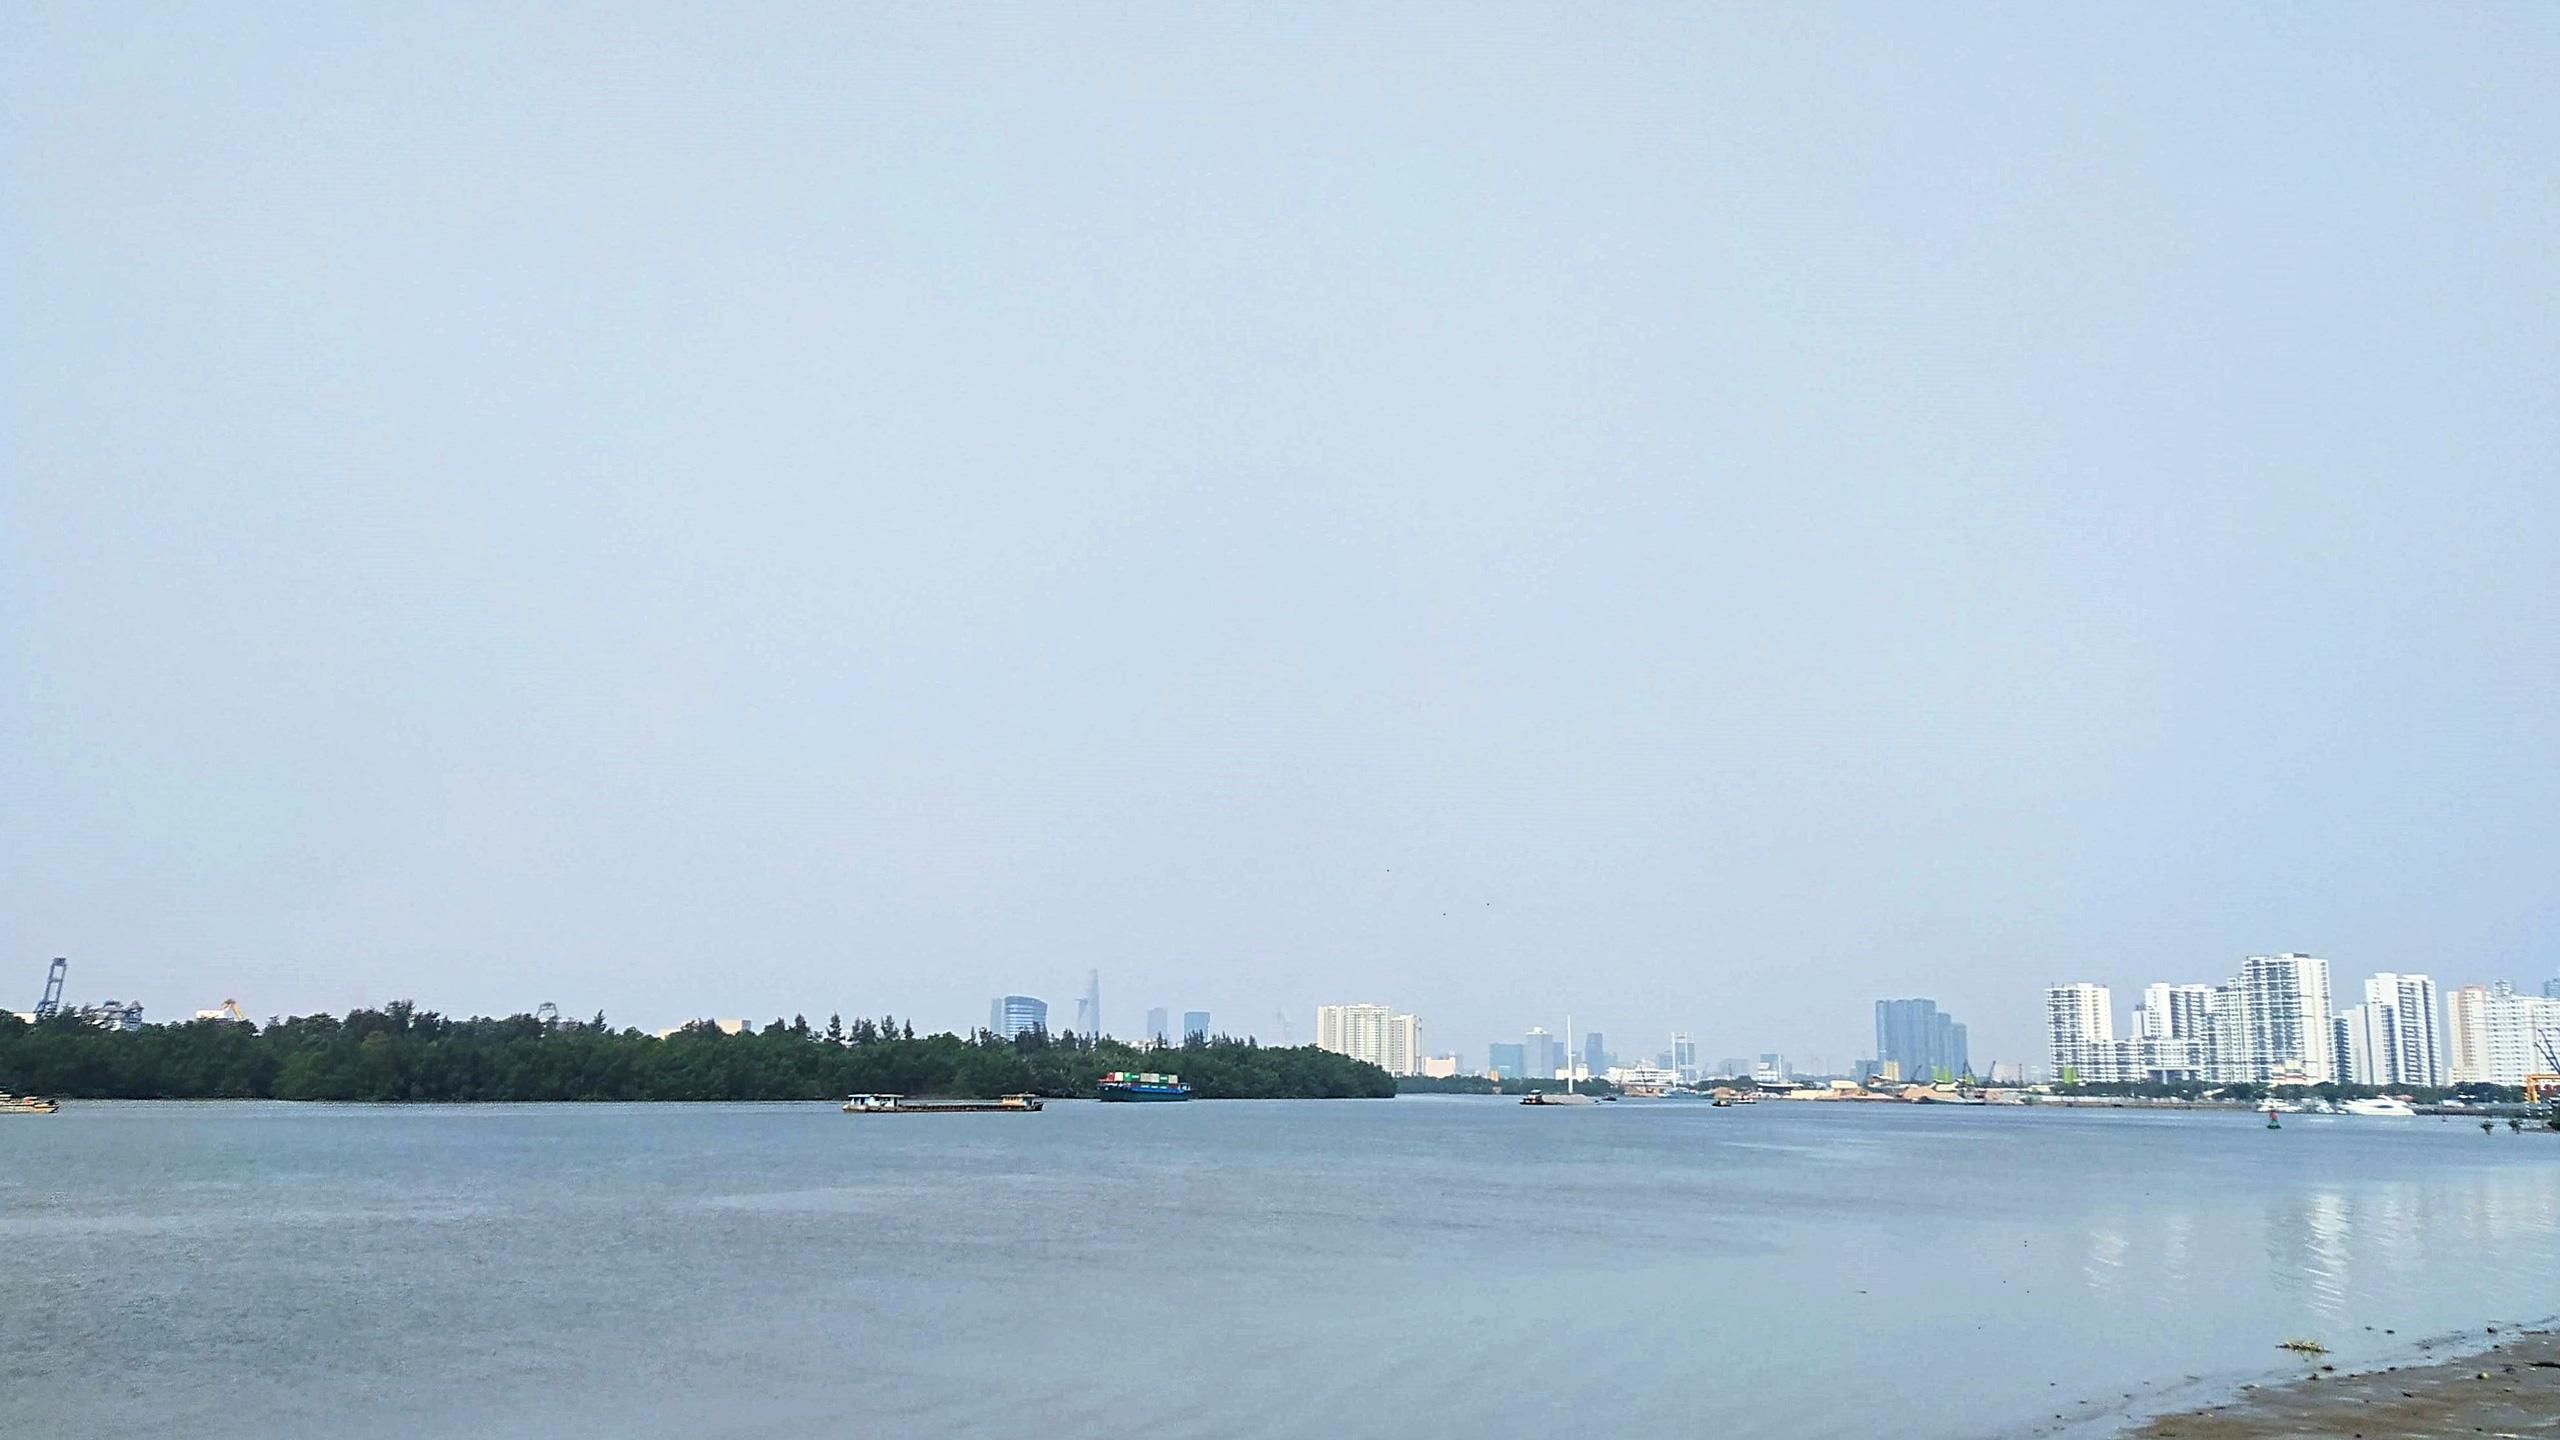 HoREA đề xuất quy hoạch cầu vượt biển Cần Giờ, đường ven sông Sài Gòn - Ảnh 1.